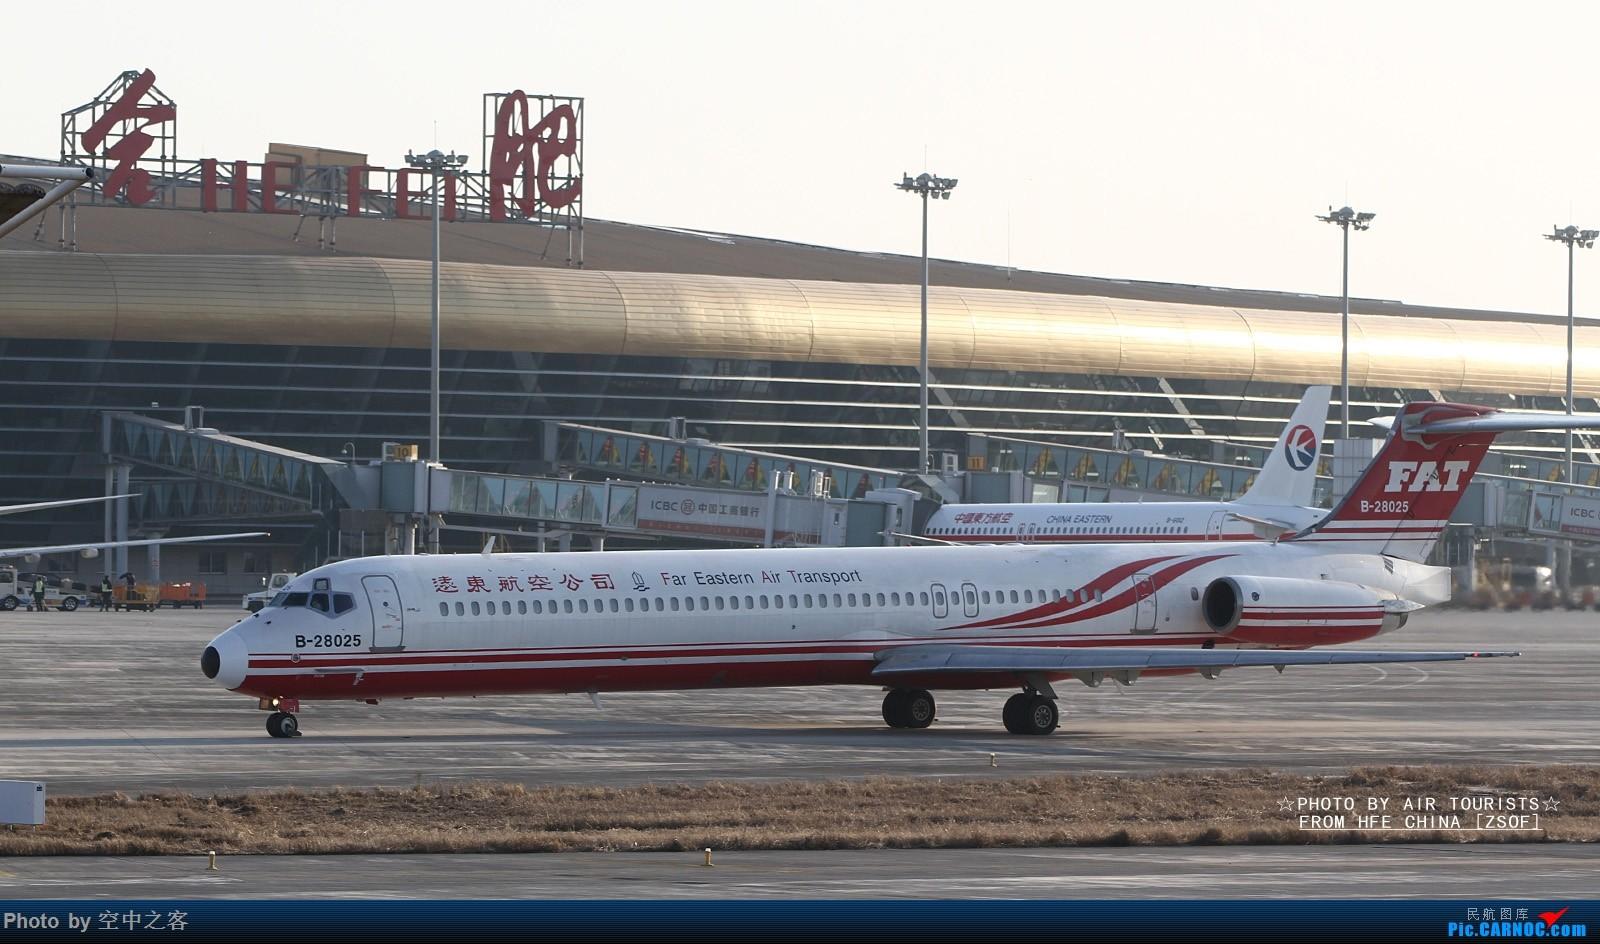 [原创][空中之客 HFE出品]听拐爷的别任性好天拍机去 嘿嘿 MD MD-80-83 B-28025 合肥新桥国际机场